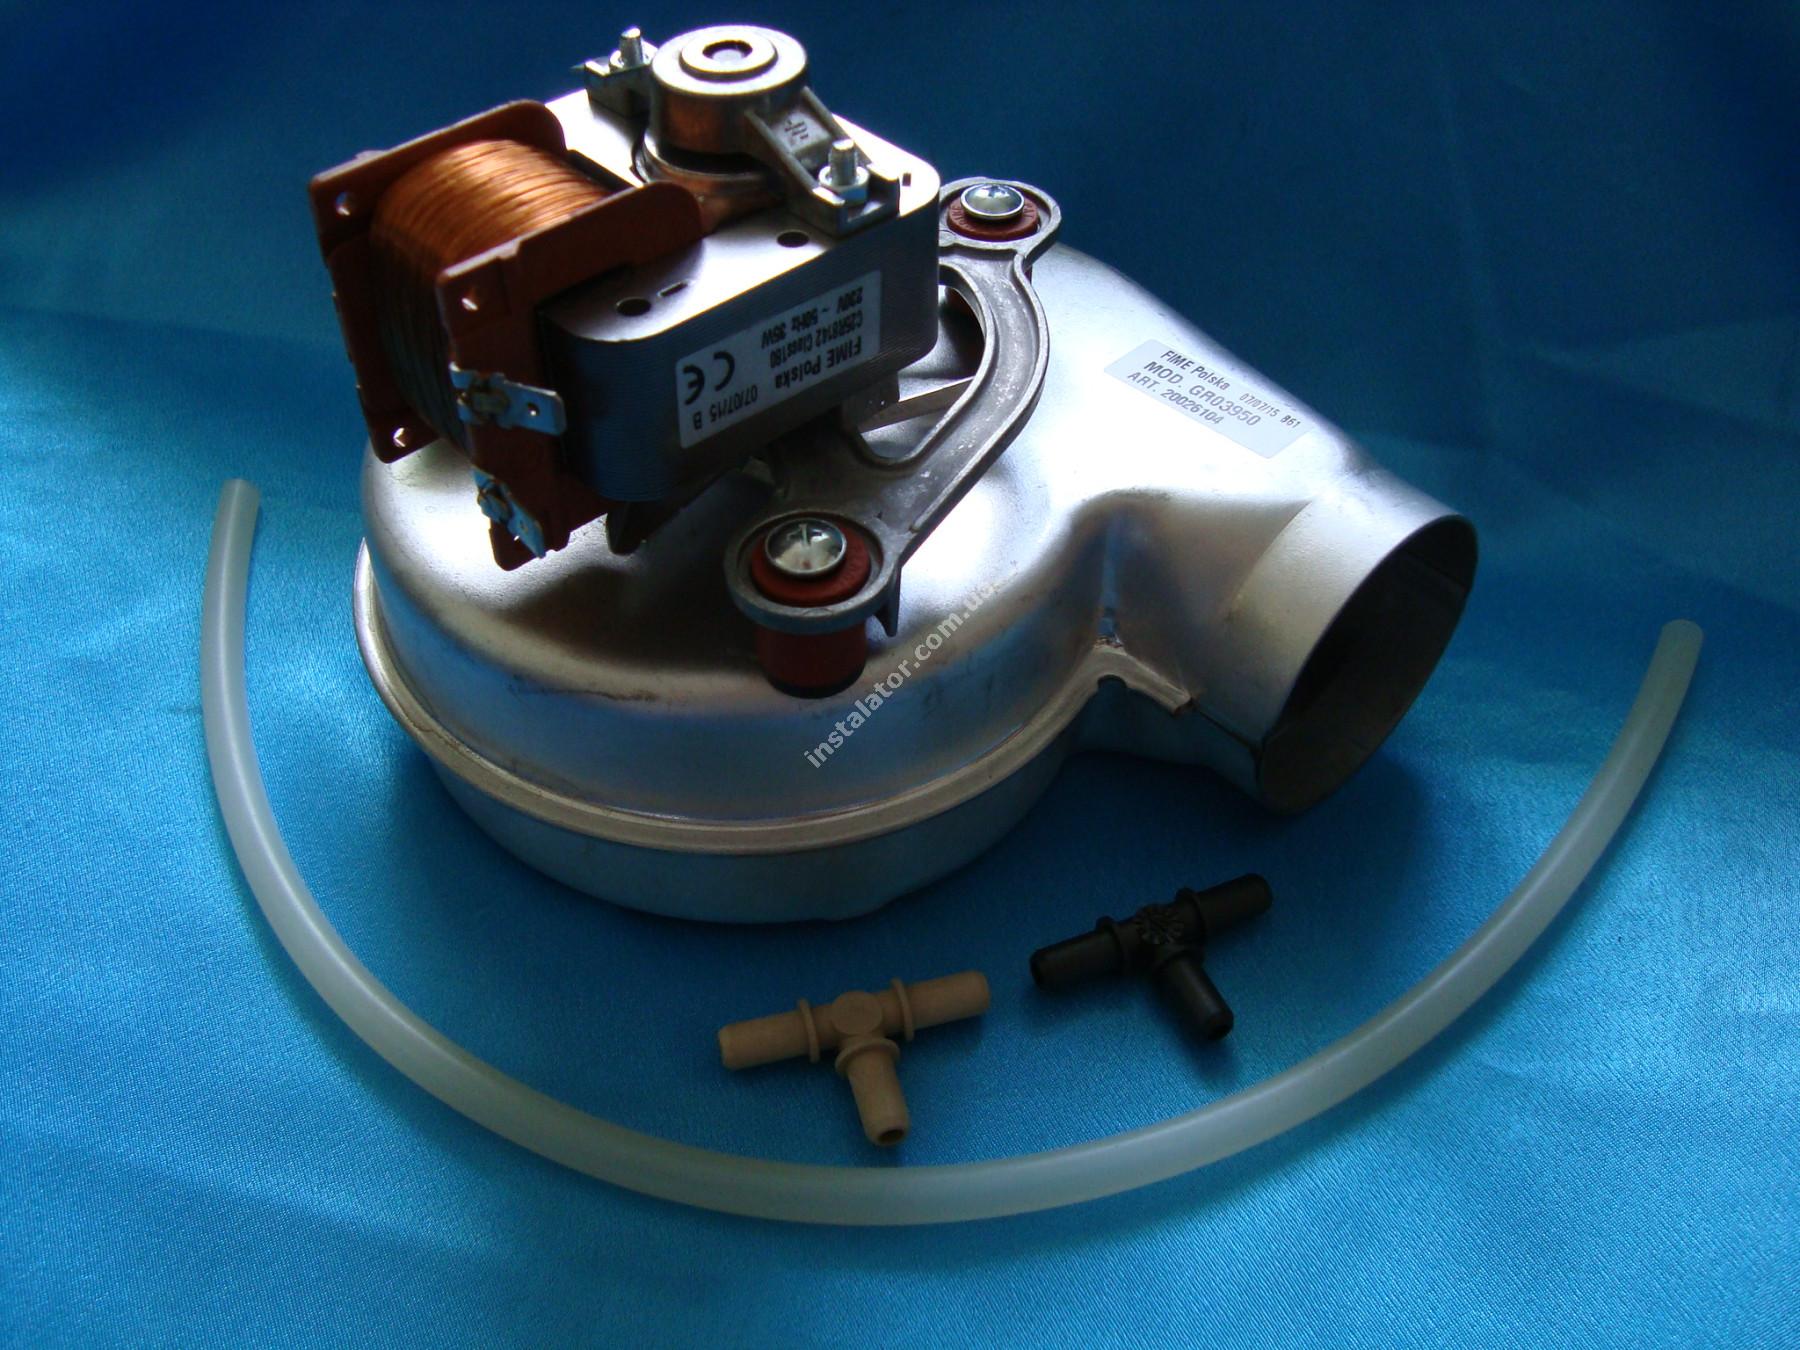 20026724 Турбина Beretta CITY CIAO 24 кВт full-image-1